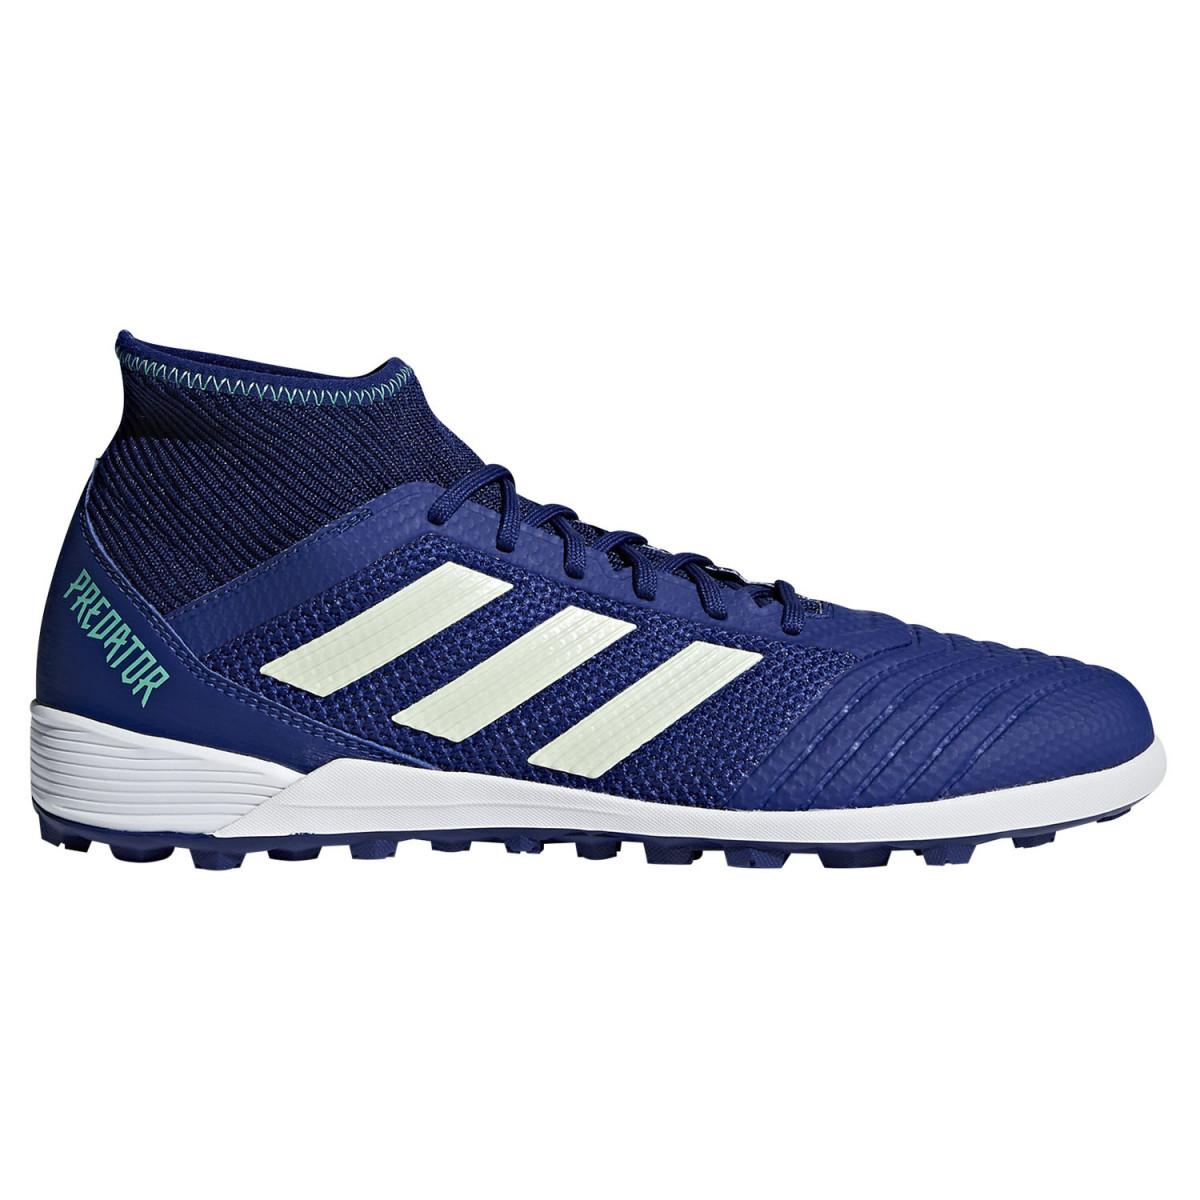 Botines Adidas Predator Tango 18.3 Tf